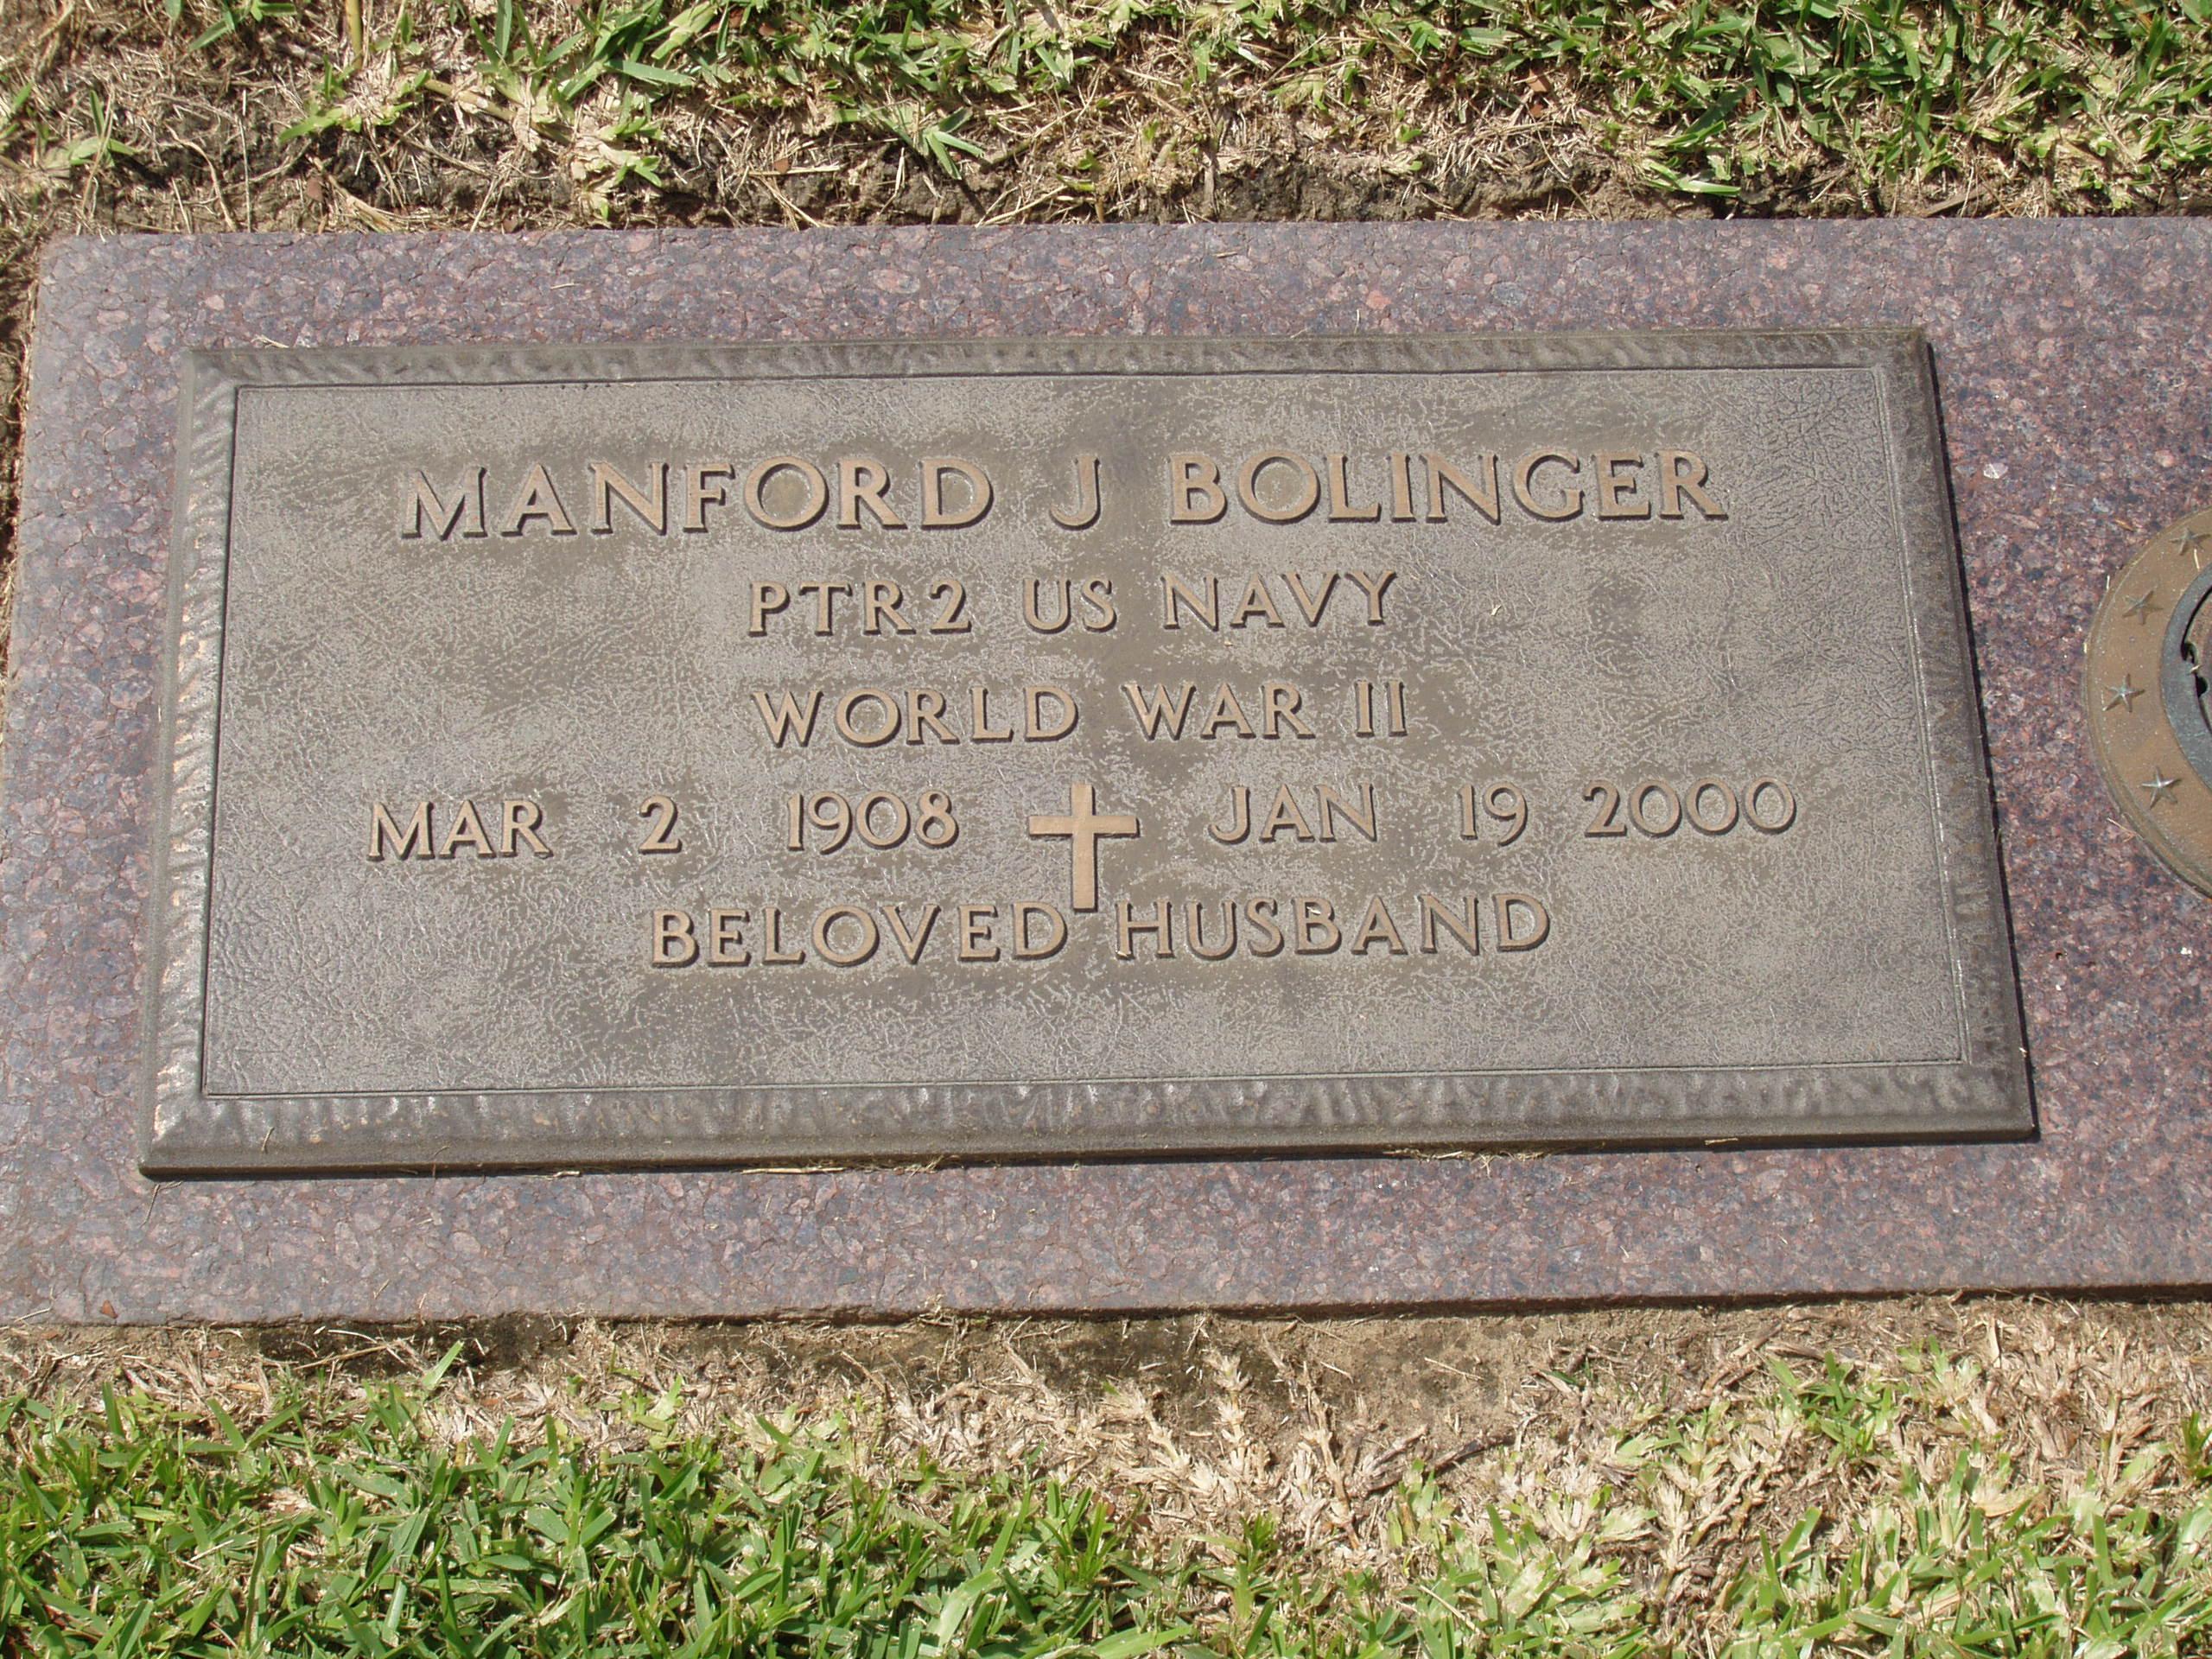 Manford J. Bolinger